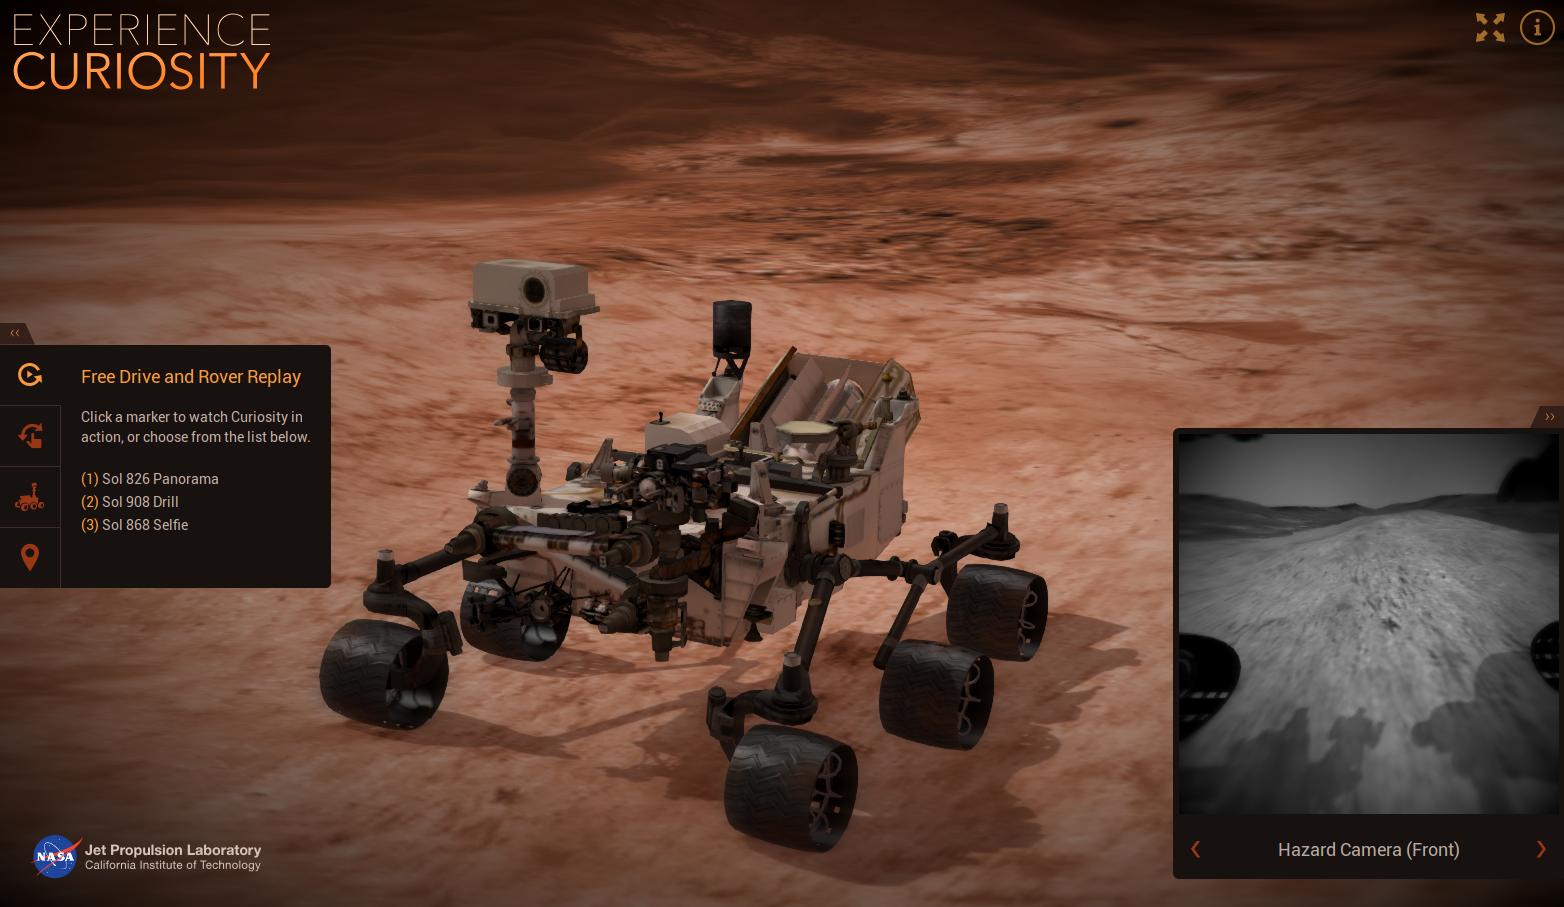 curiosity1.png?v=20160525152410201605251